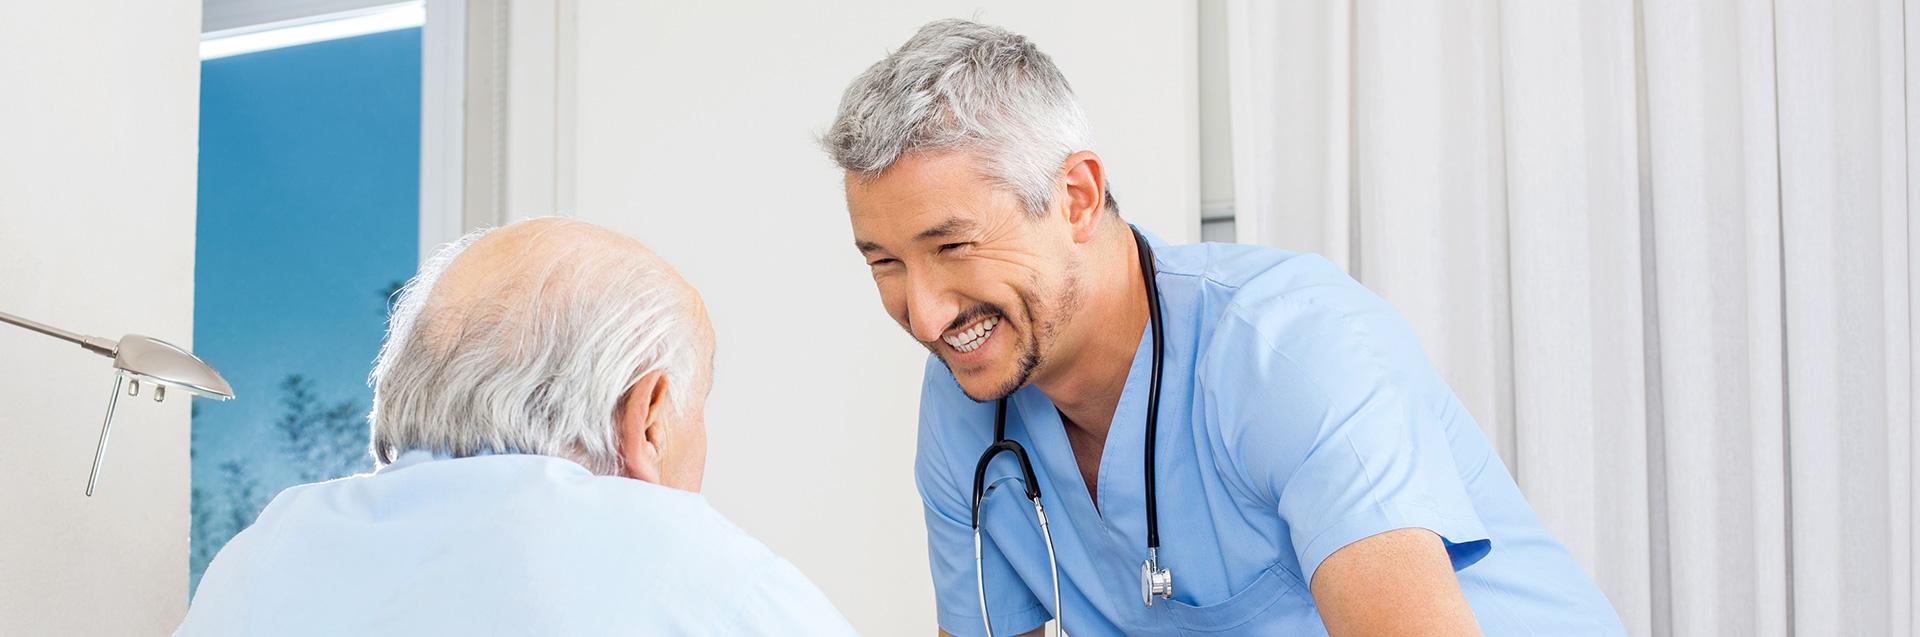 Bientraitance personnes âgées dépendantes